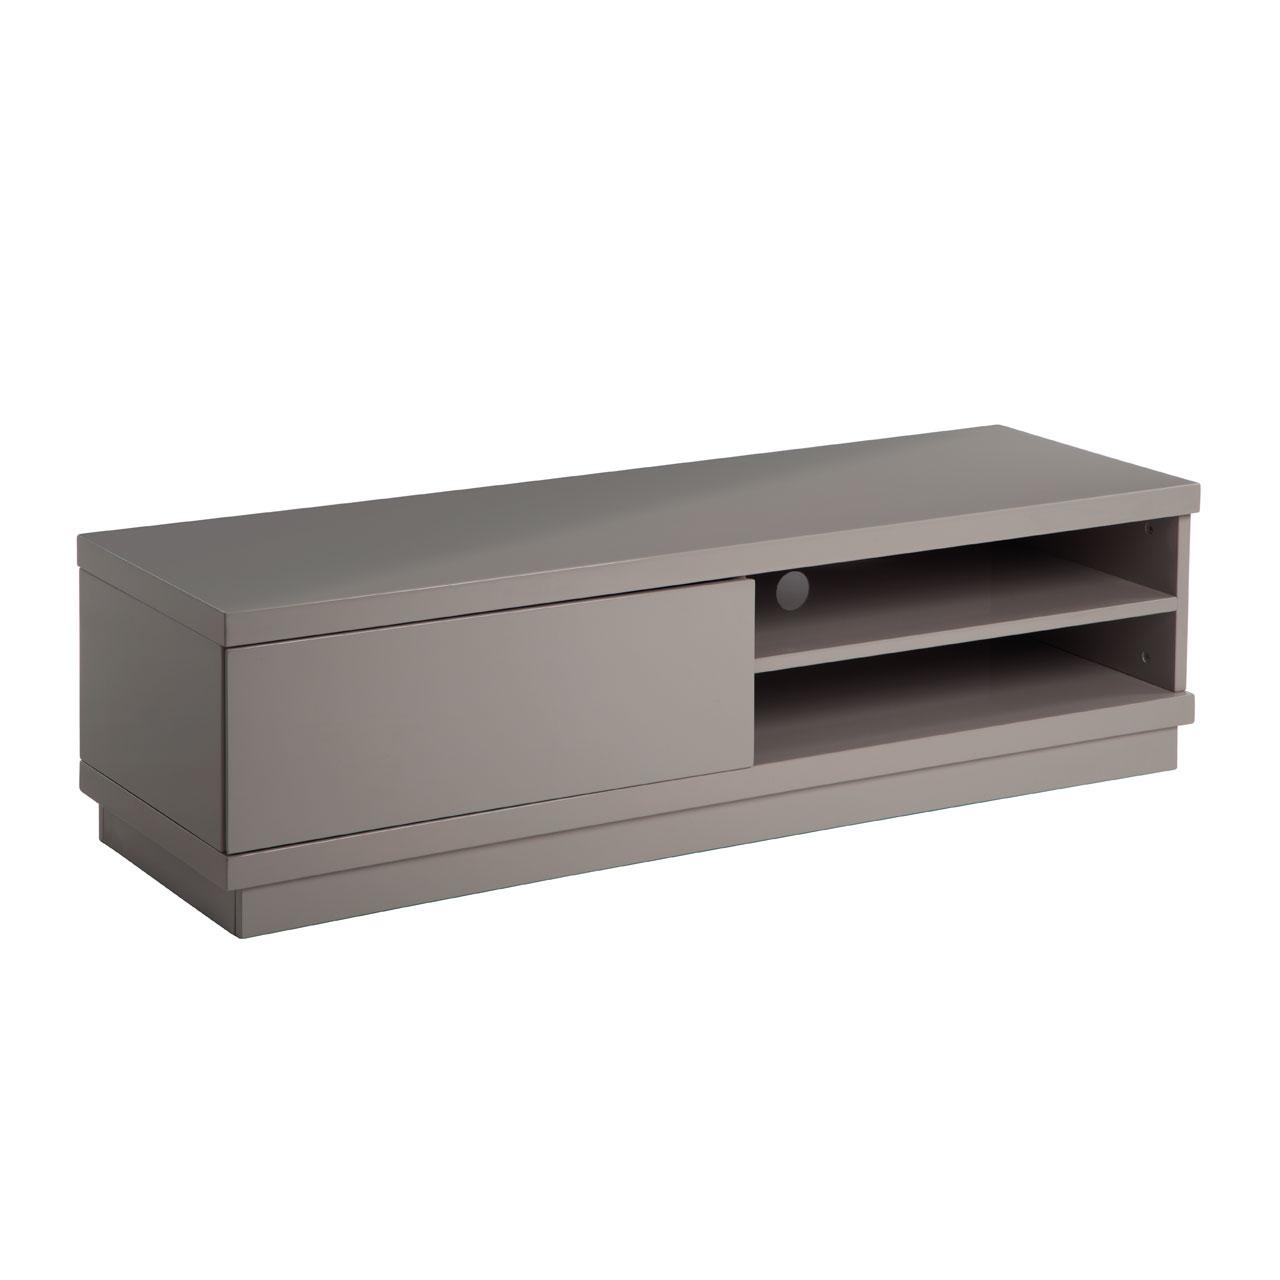 madrid media unit high gloss grey modern tv stands fads. Black Bedroom Furniture Sets. Home Design Ideas